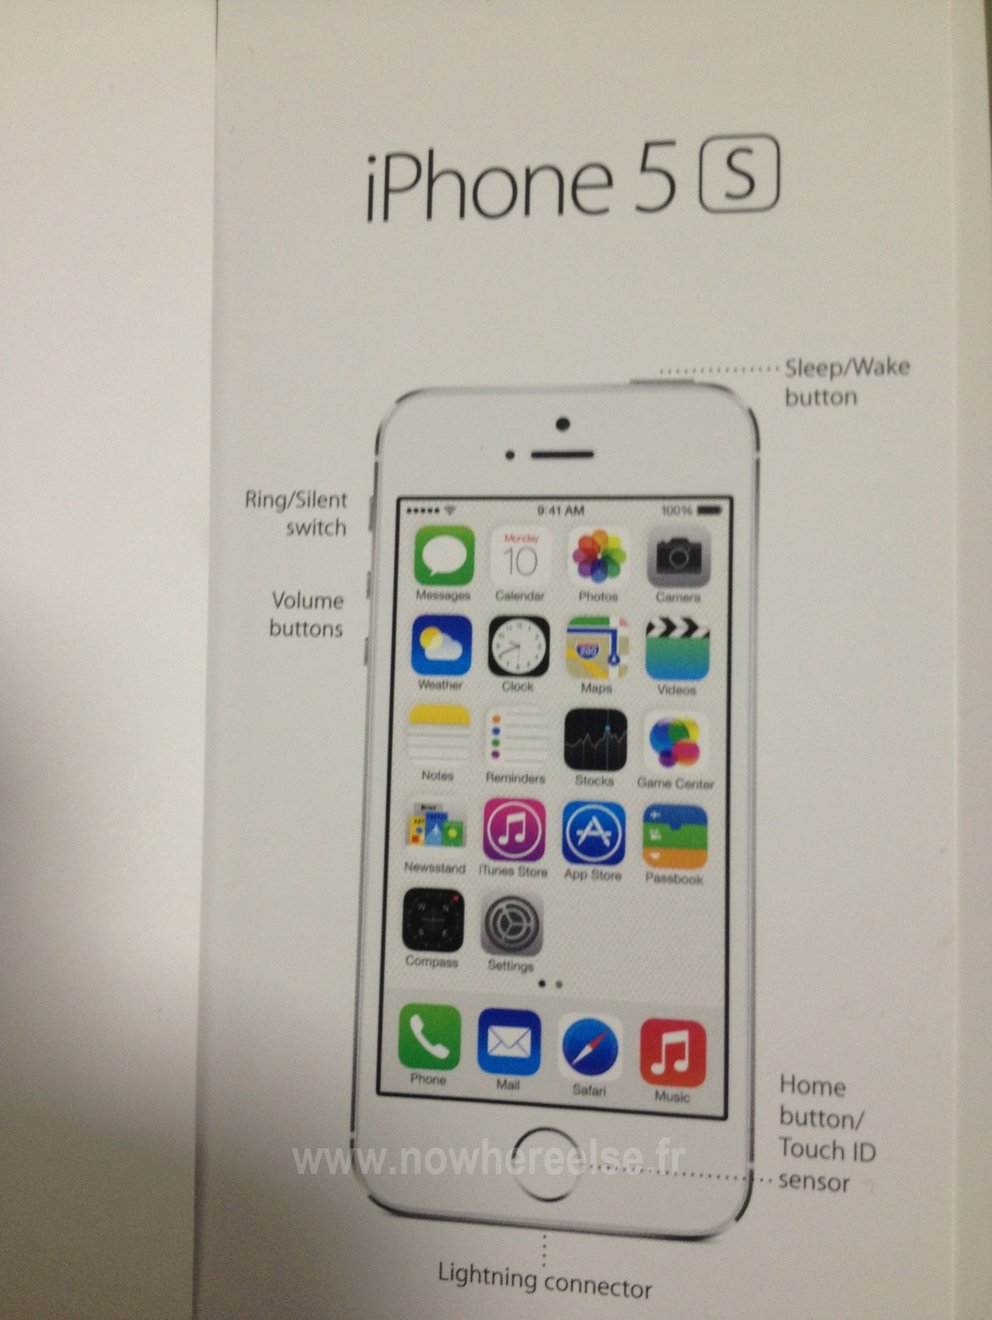 Angebliche Betriebsanleitung des iPhone 5S